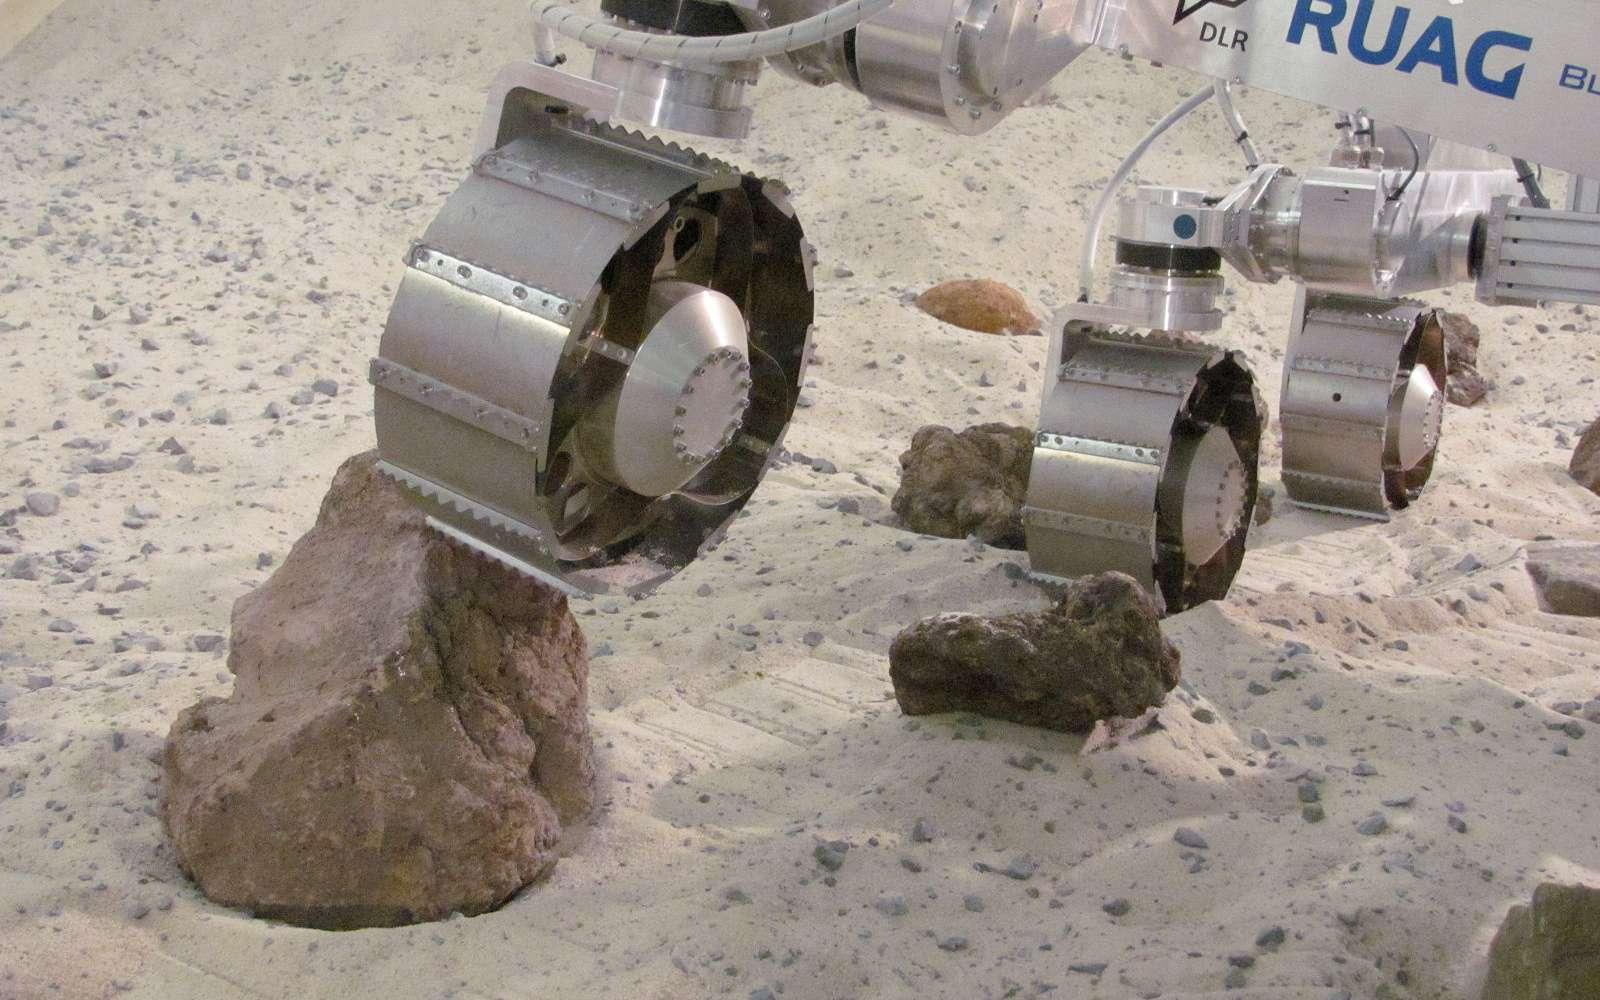 Le rover utilisé n'est pas un modèle de vol, ni une copie exacte de celui qui sera envoyé sur Mars. Cependant, les roues et le système d'entraînement le sont, comme le centre de gravité. En revanche, il est 100 kilogrammes moins lourd, de façon à simuler la gravité martienne. © DLR